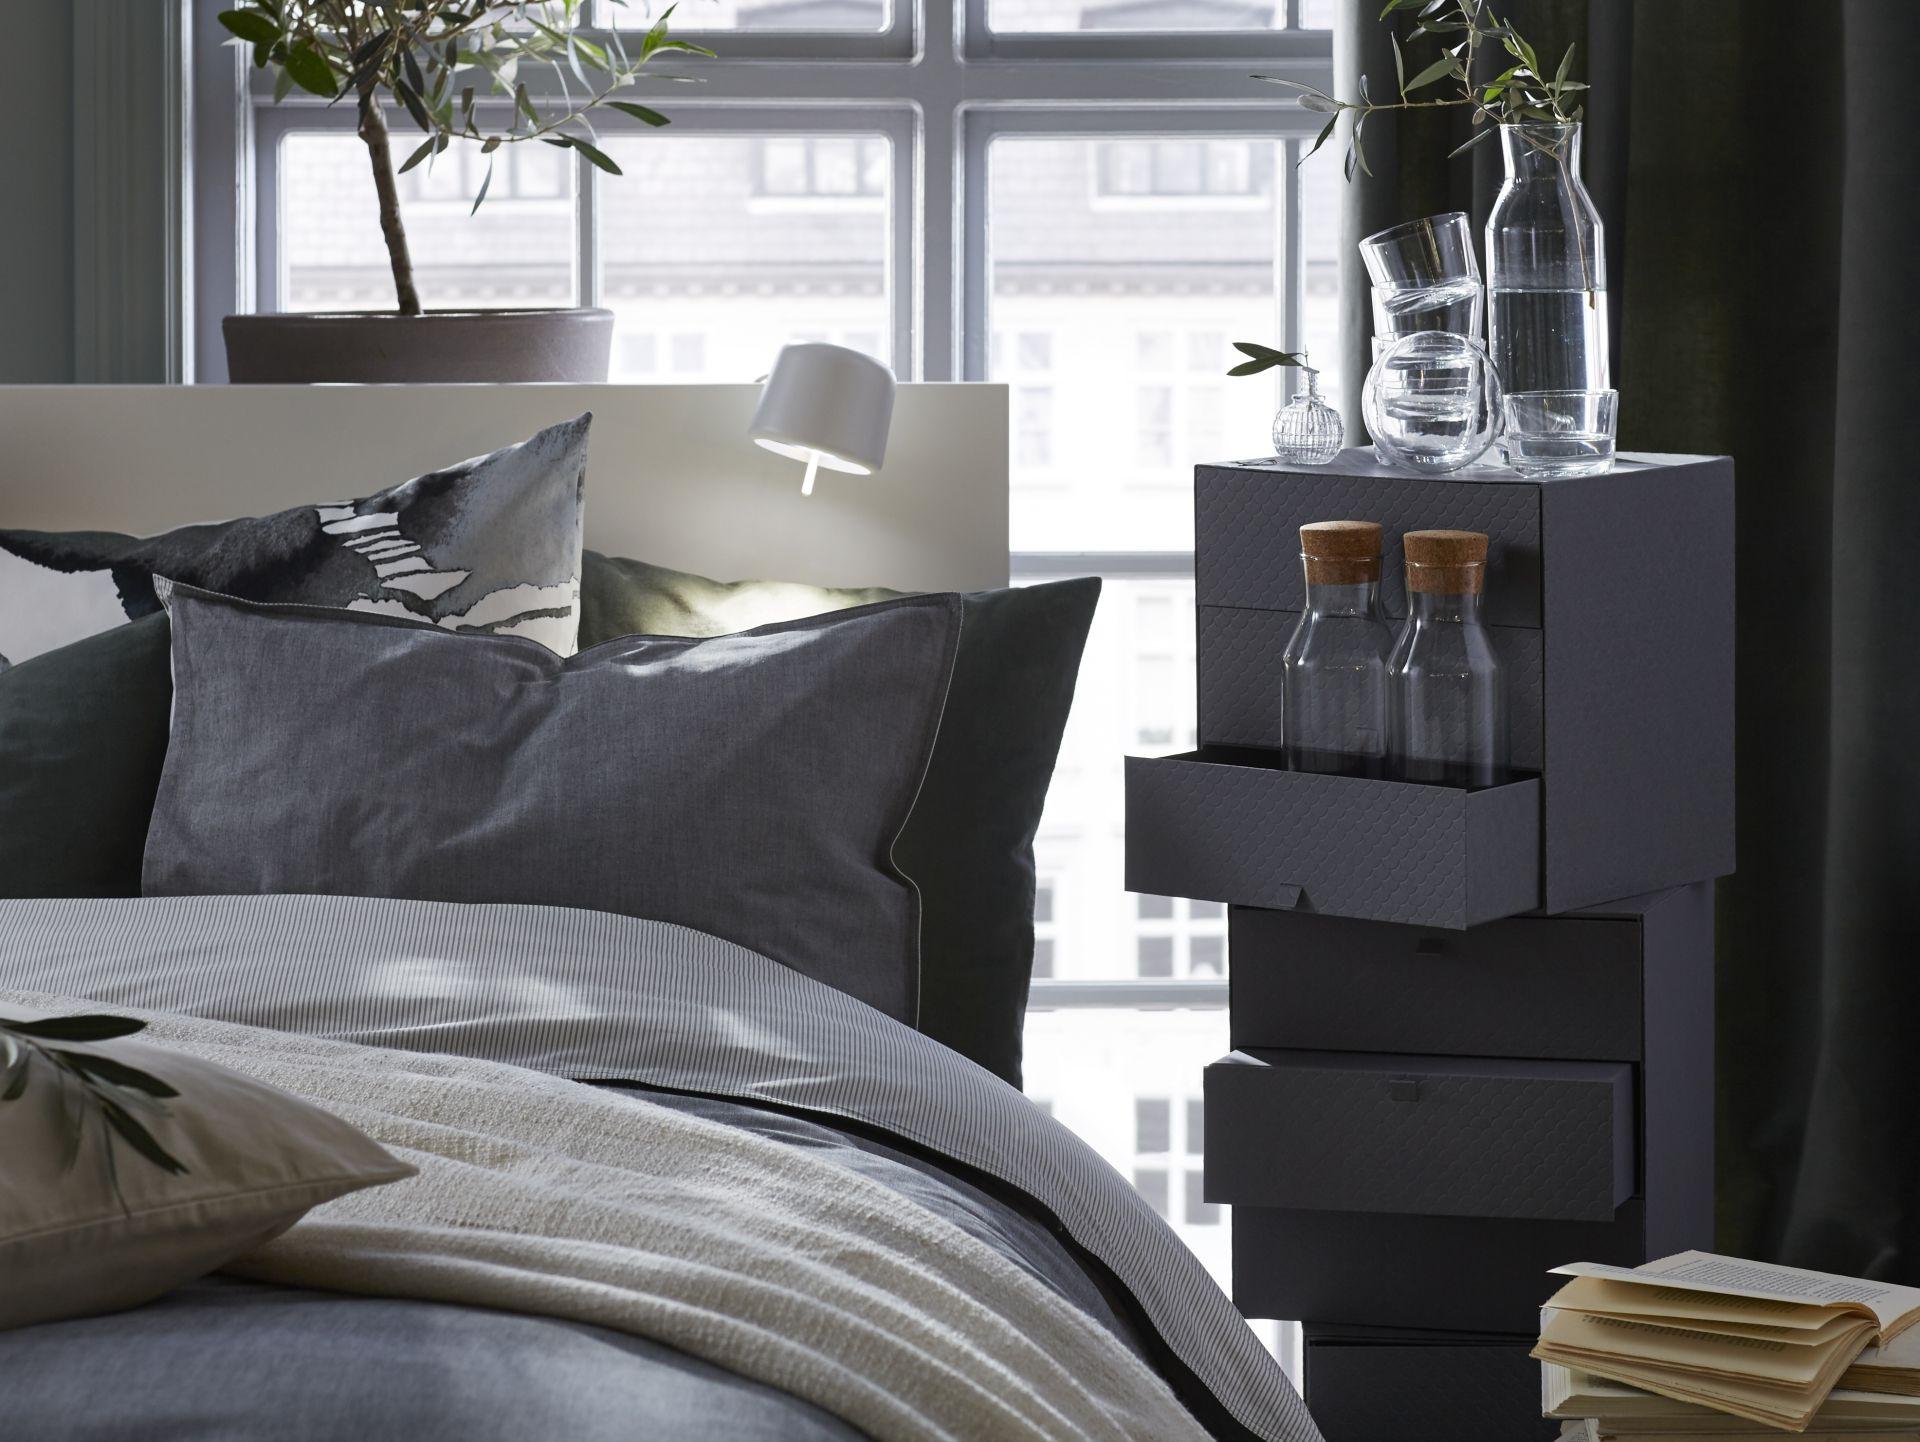 Slaapkamer Interieur Grijs : BlÅvinda dekbedovertrek met slopen grijs met and